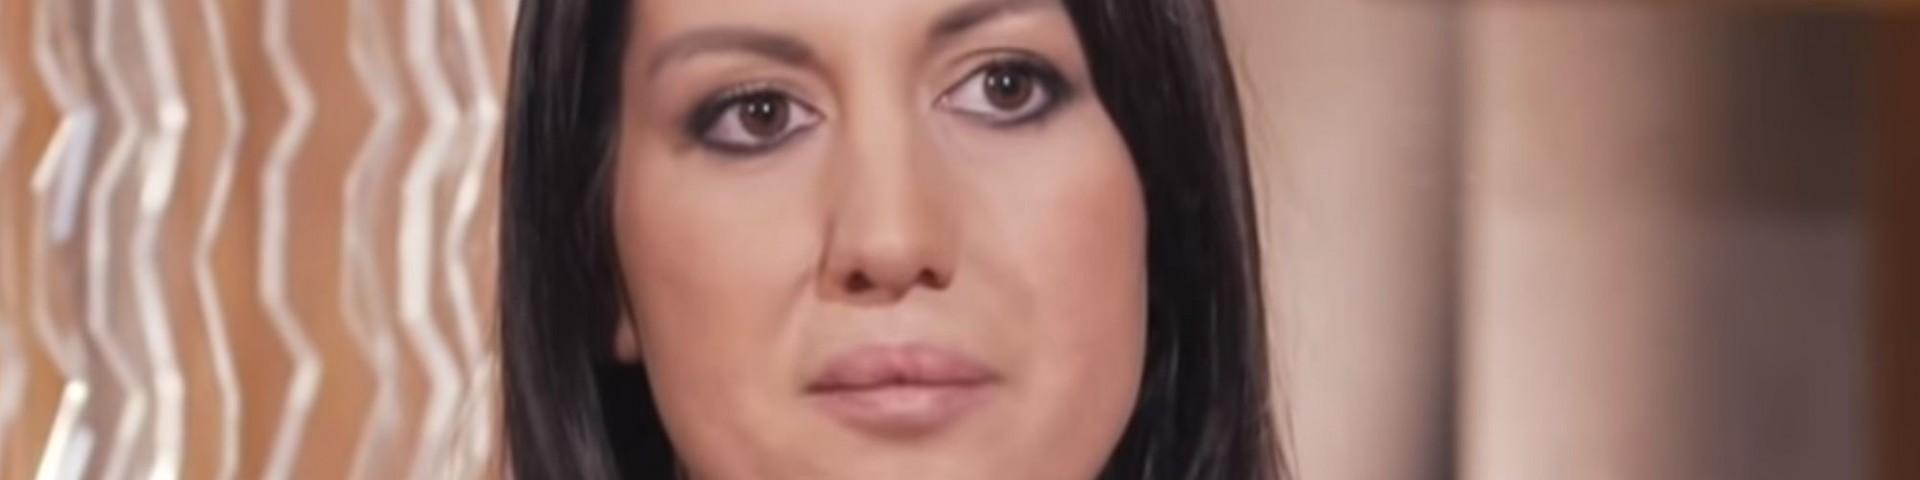 """Jessica Morlacchi a Tale e Quale Show: """"Vorrei imitare Giorgia, Elisa o la Pausini"""" (Video)"""